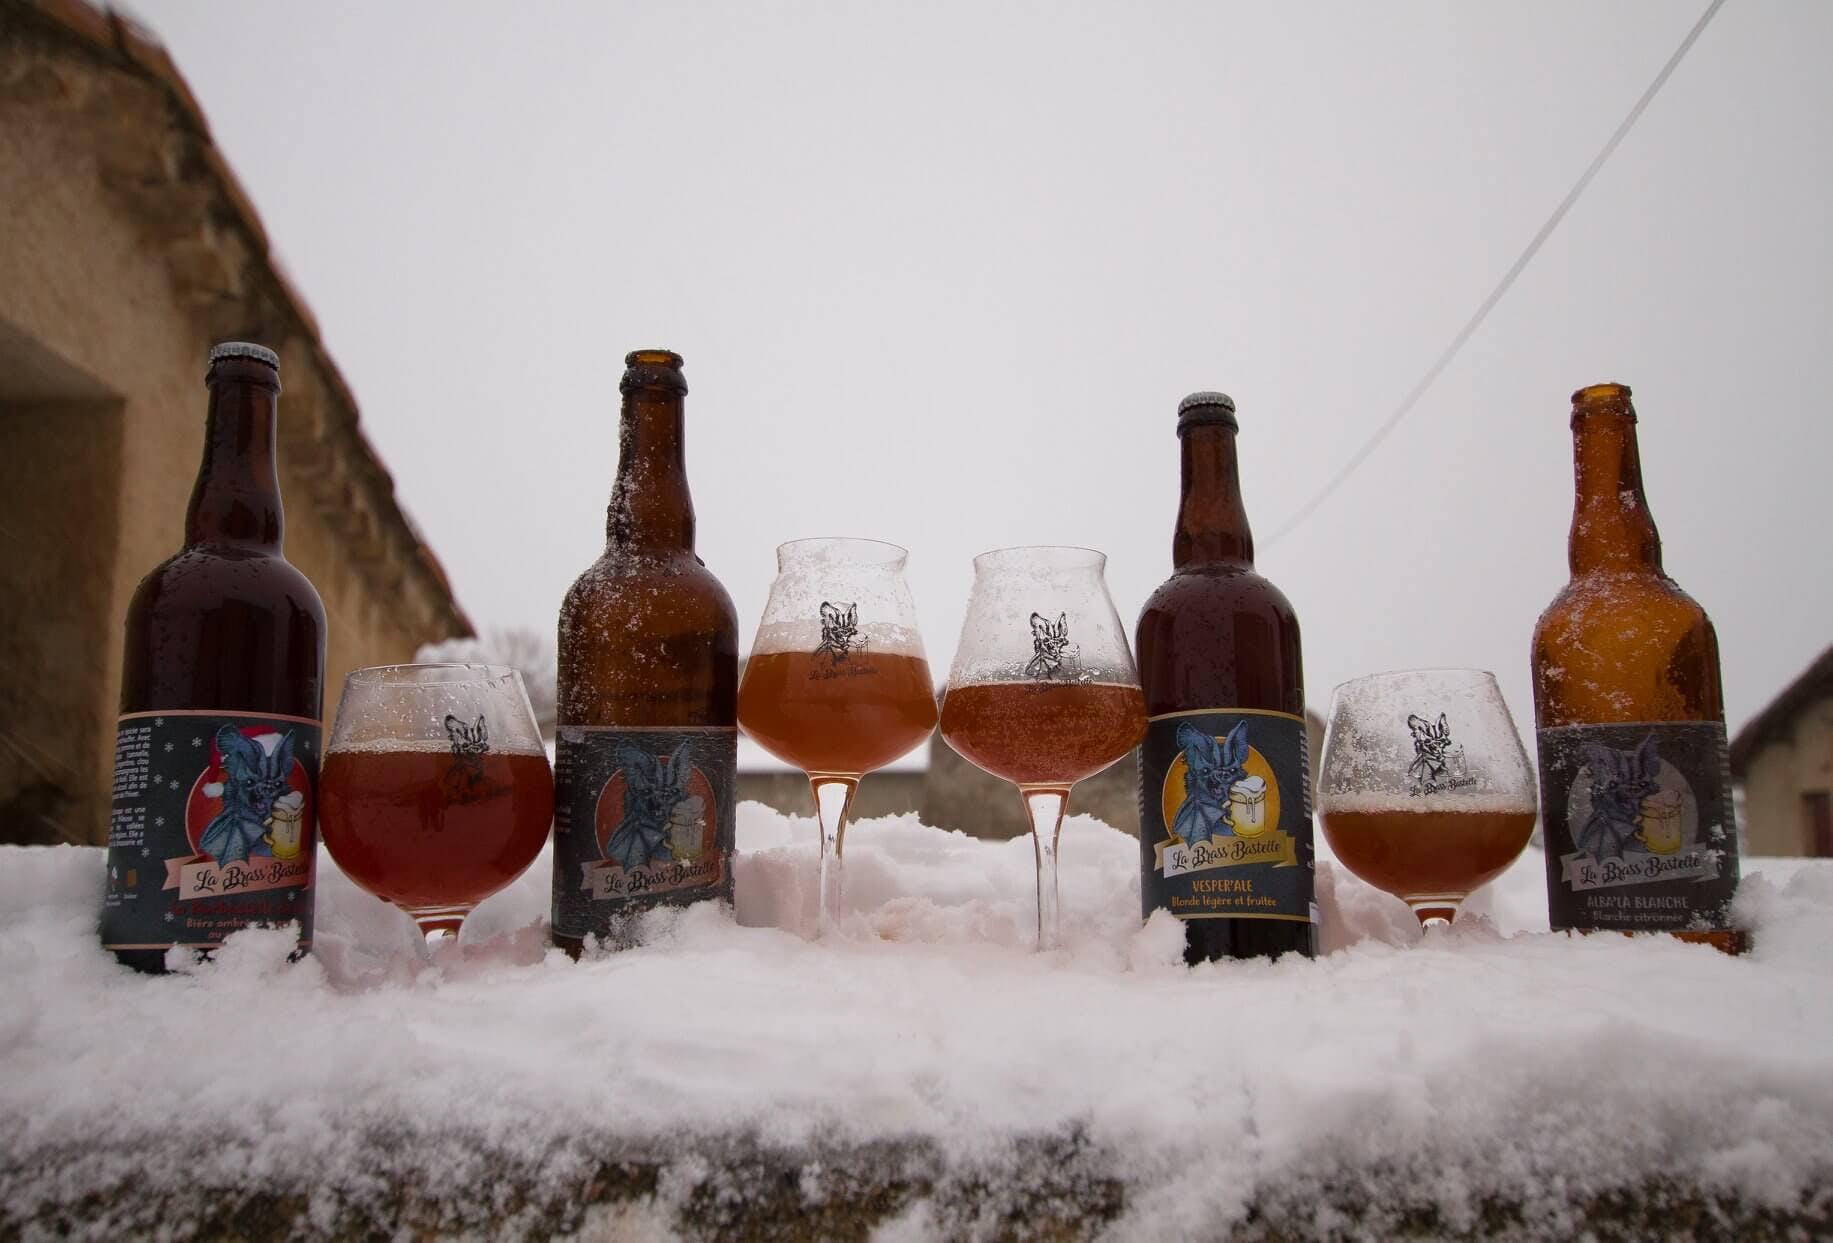 Enercoop Paca - Clients Professionnels - Brasserie Brass'Bastelle Volx 04 - Verres bouteilles bières neige